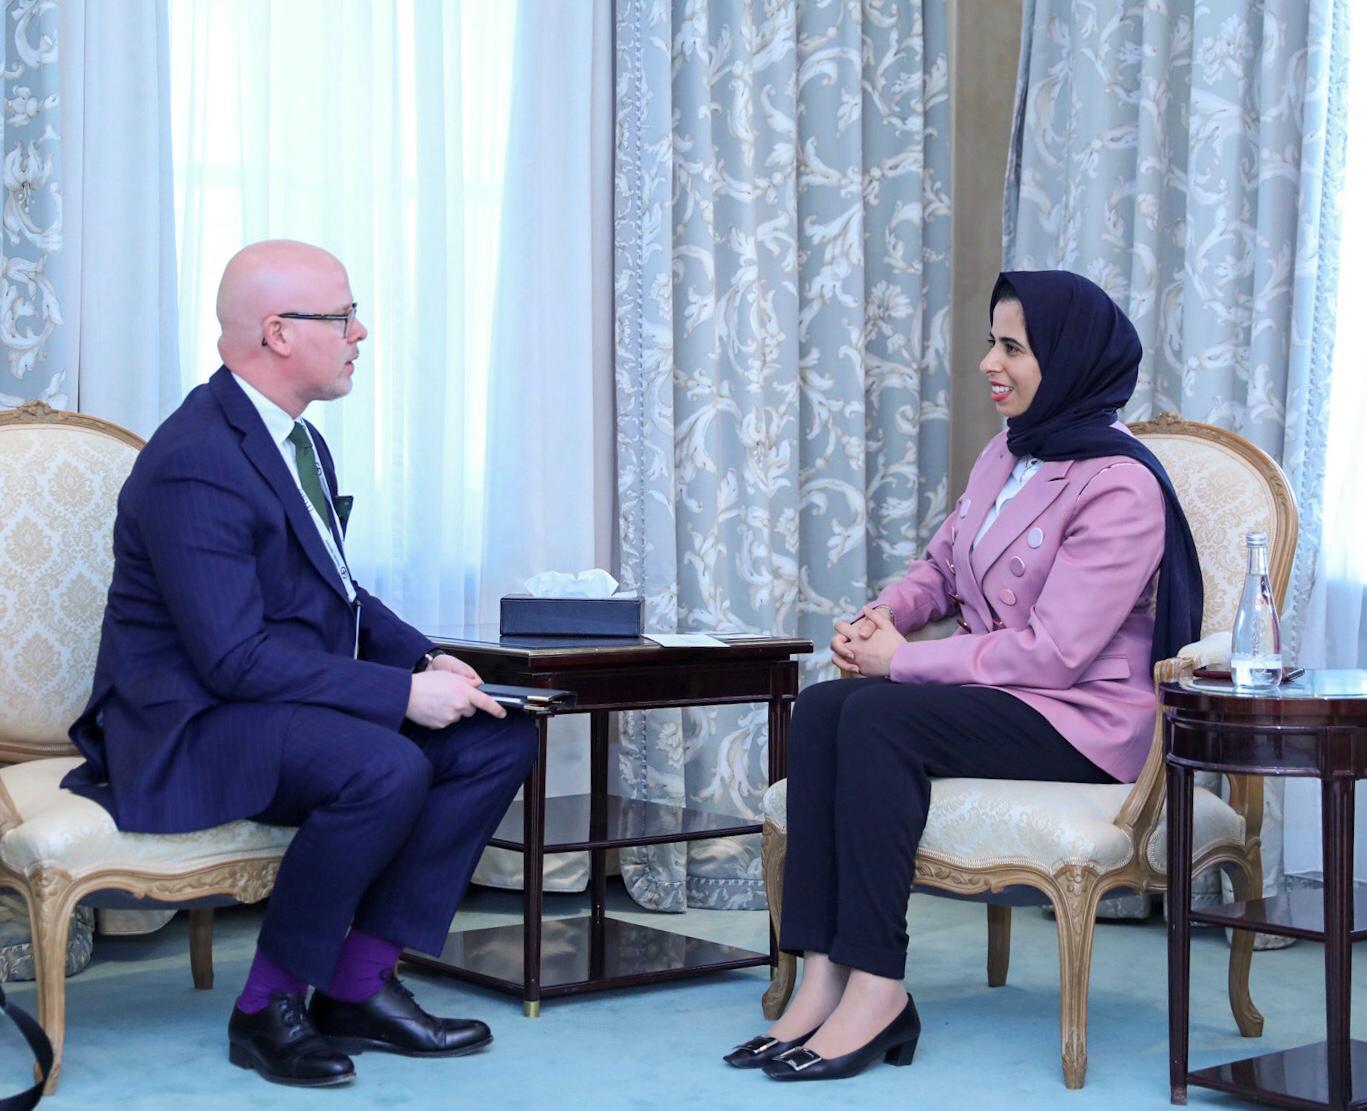 مساعد وزير الخارجية تجتمع مع وزير الدولة للشؤون الخارجية بمملكة النرويج